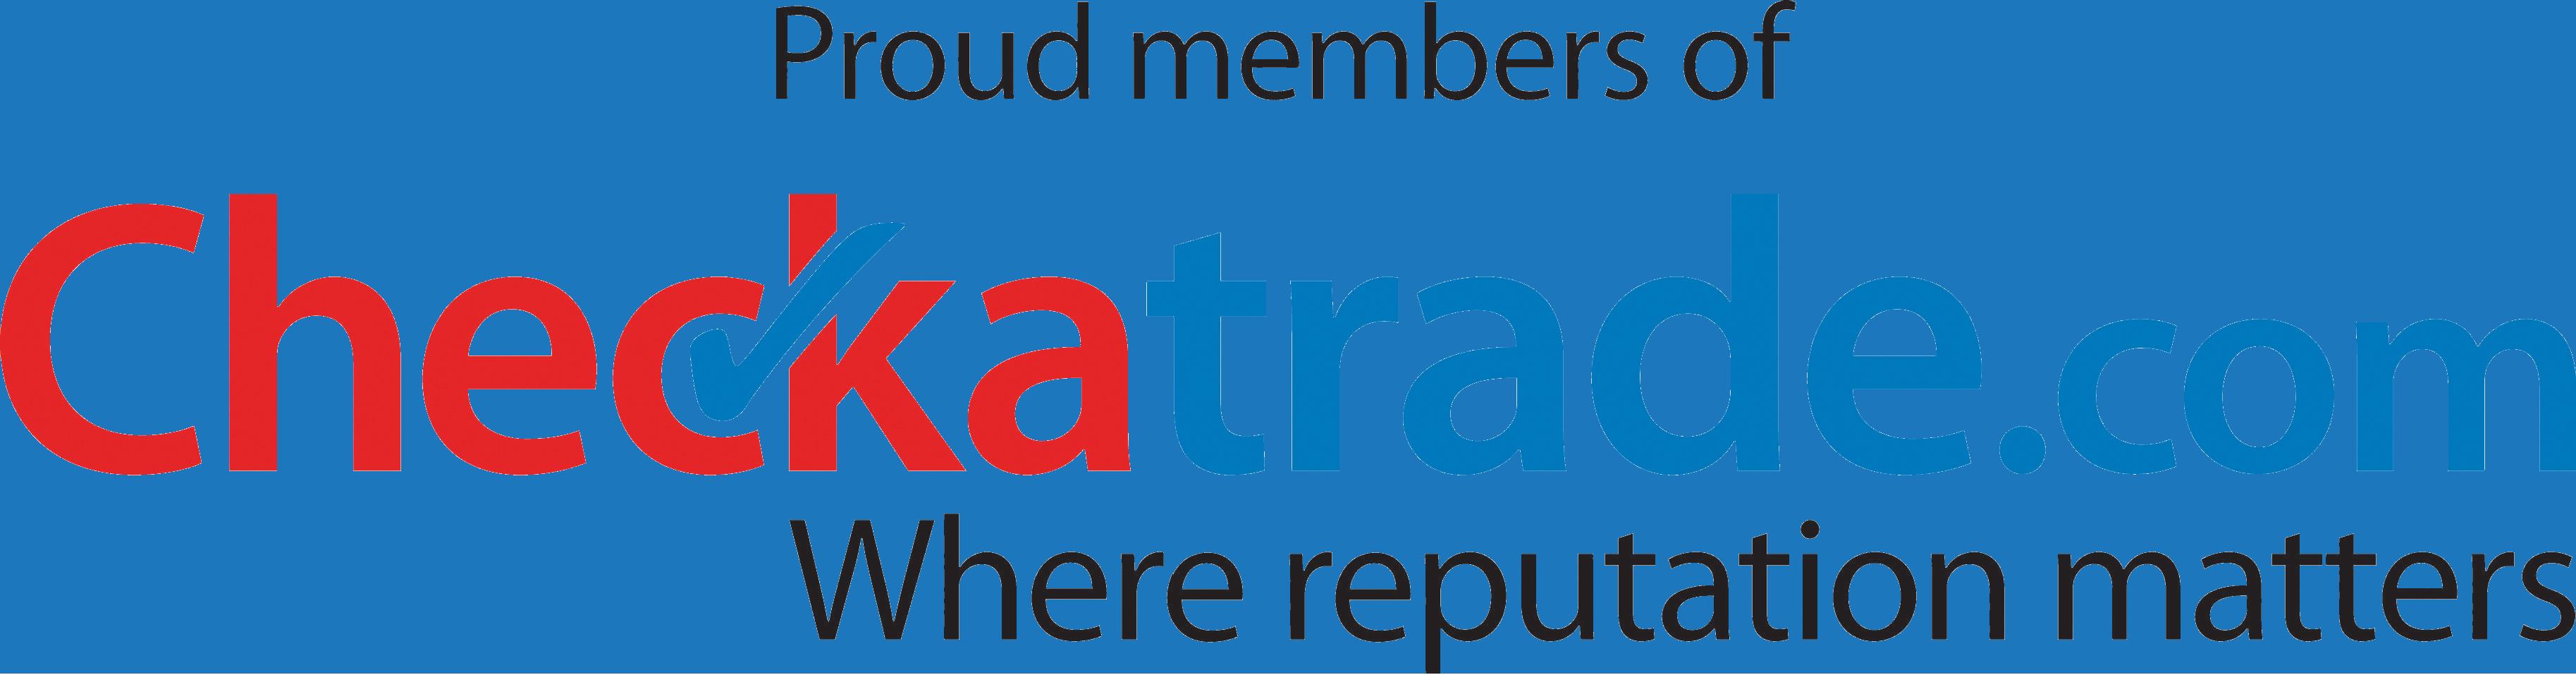 Members_Of_Checkatrade